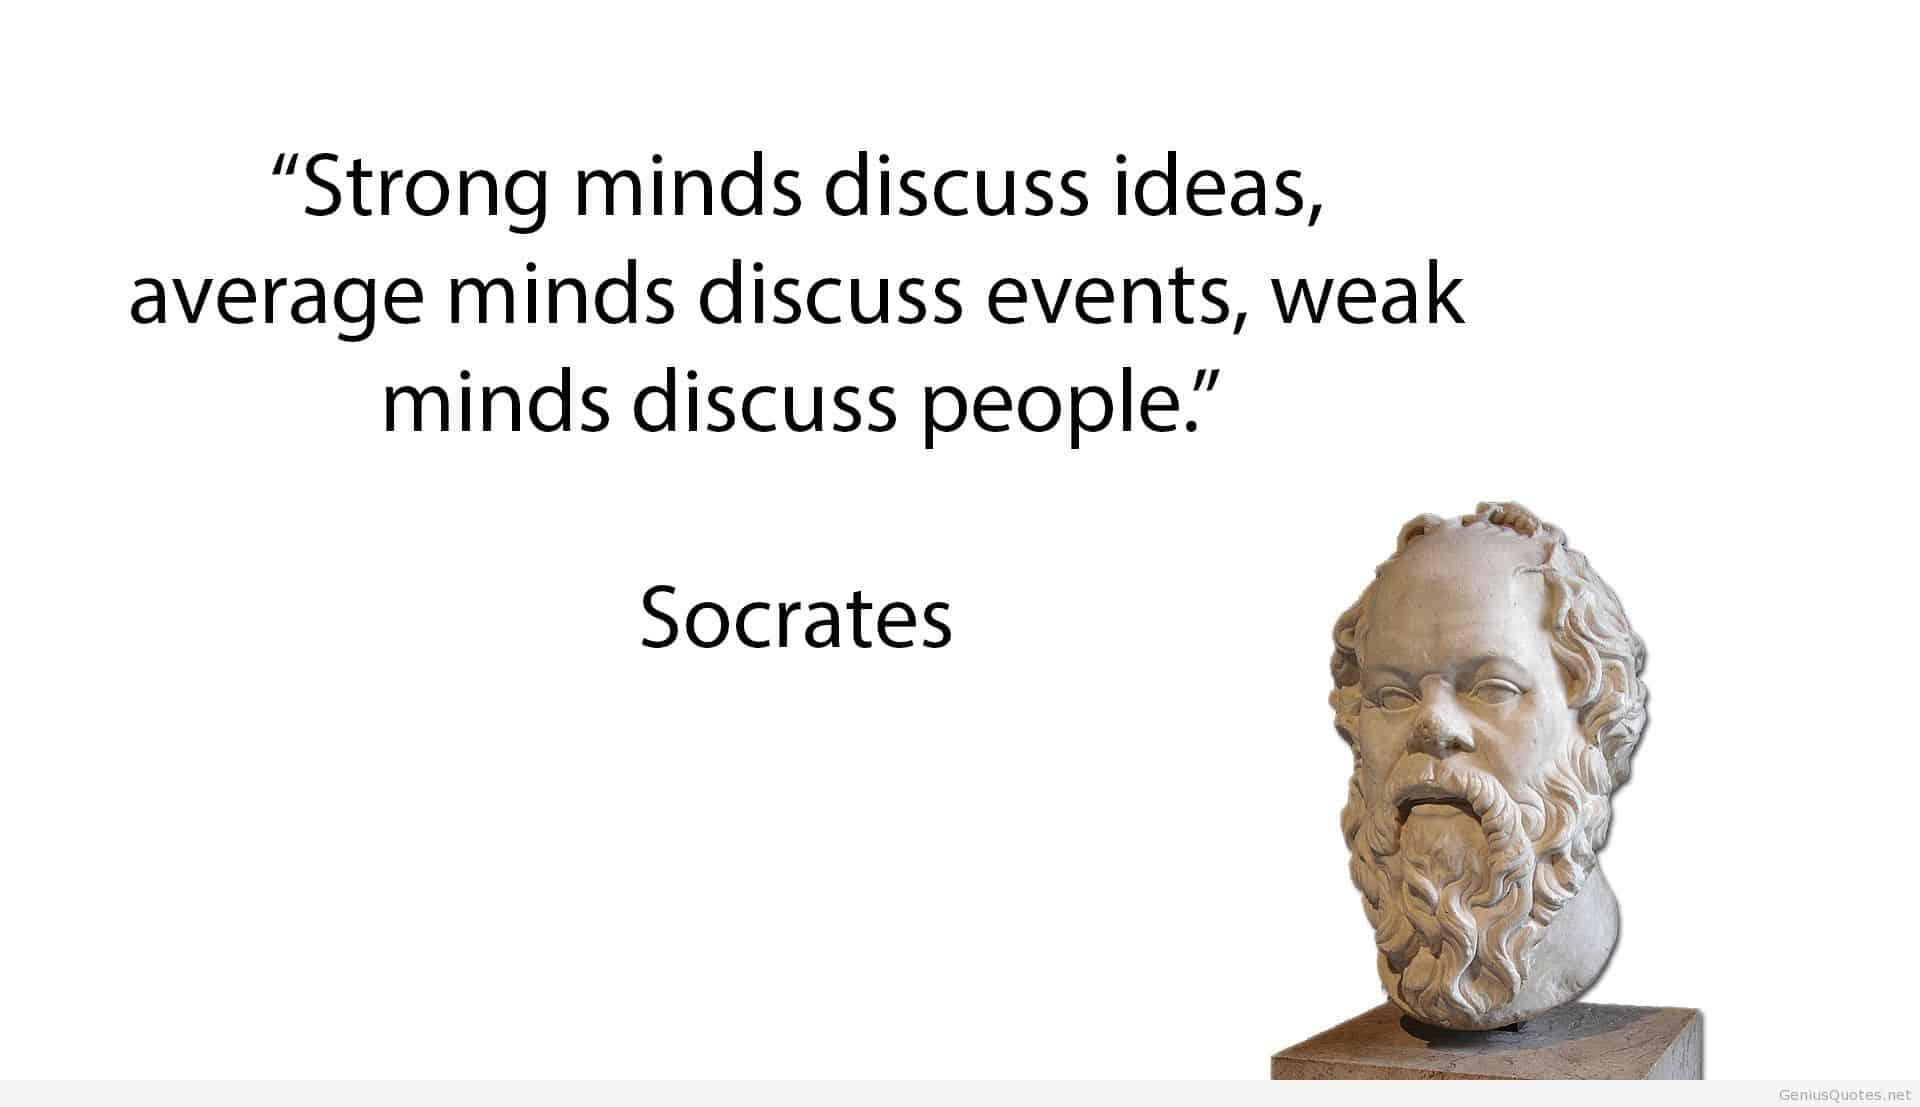 socrates-quotes-20